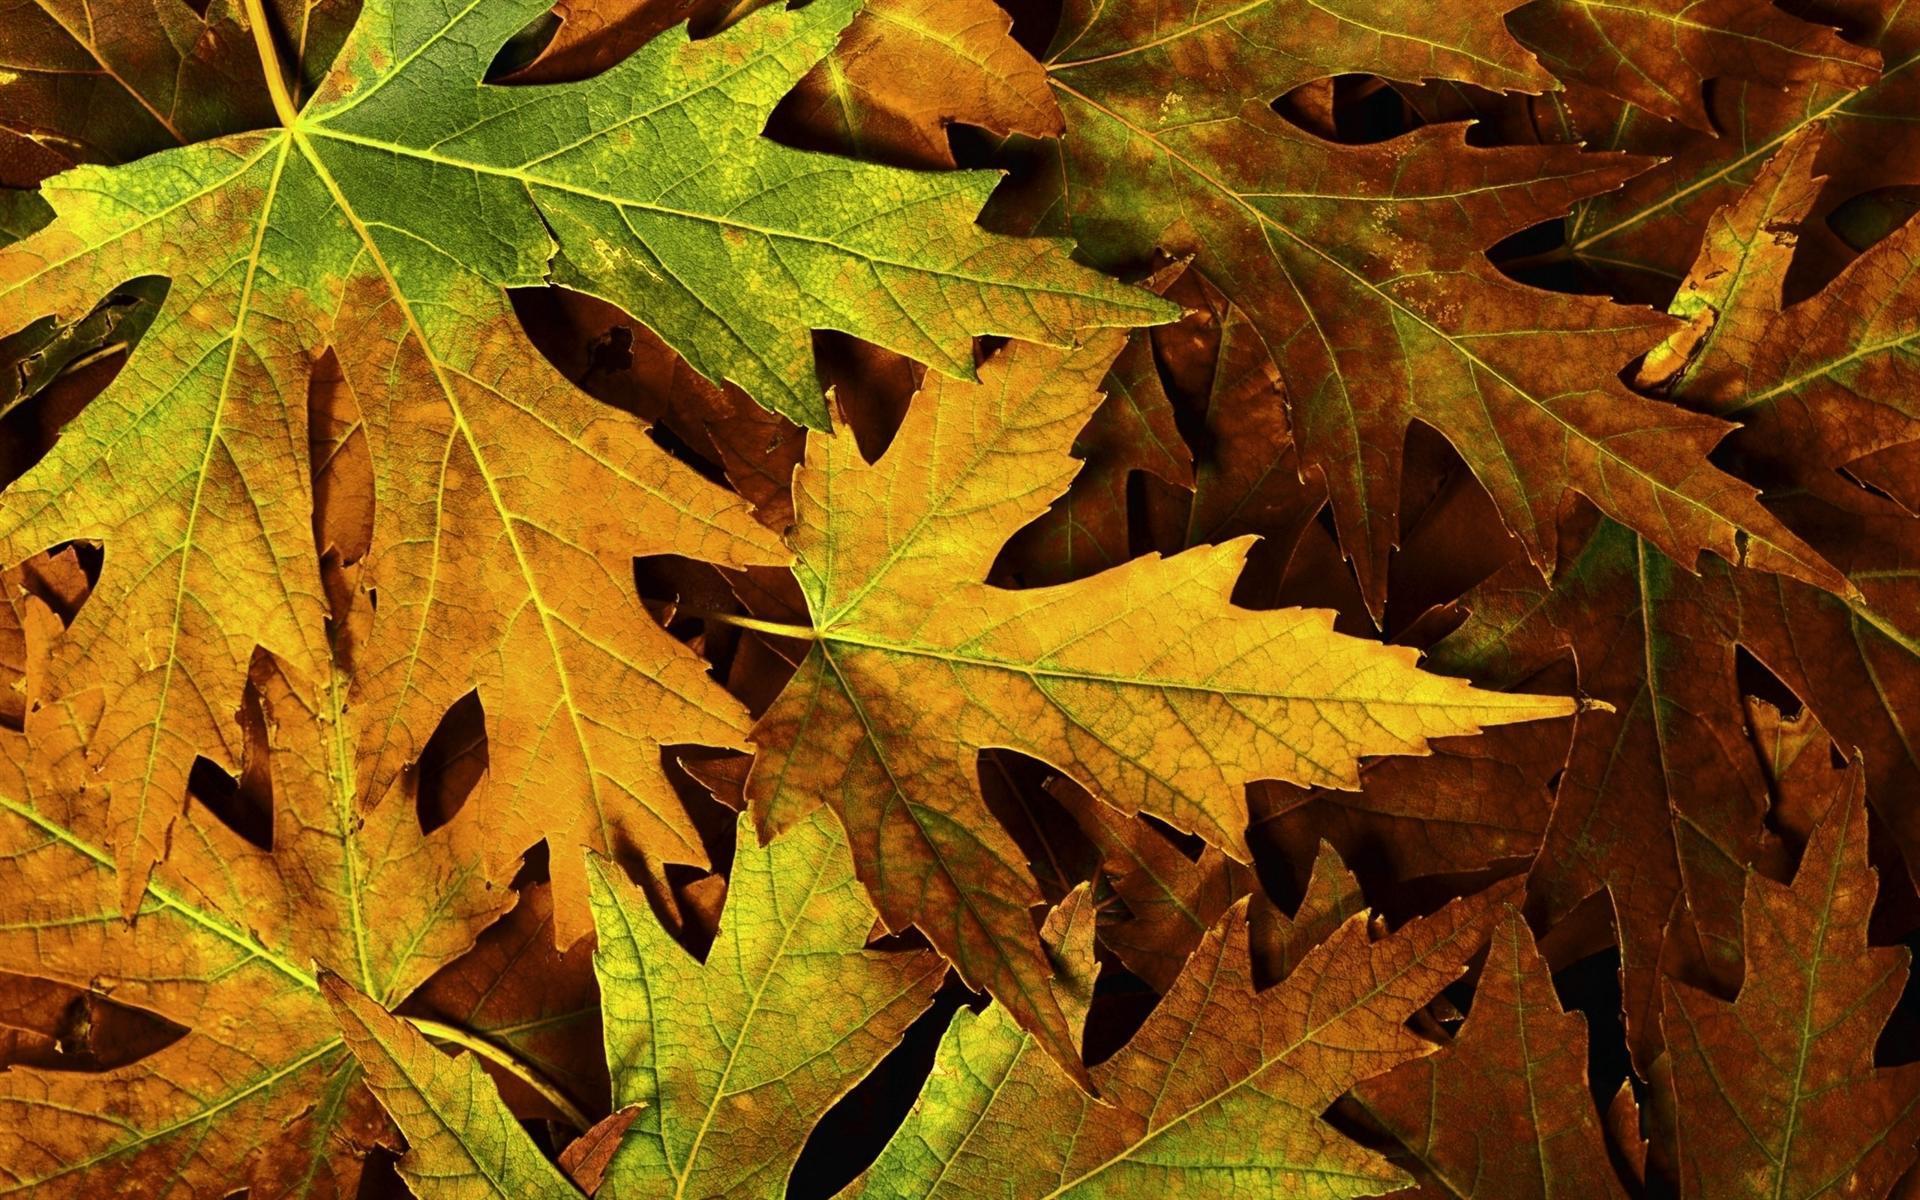 самых необычных смотреть картинки осеннего листа одном